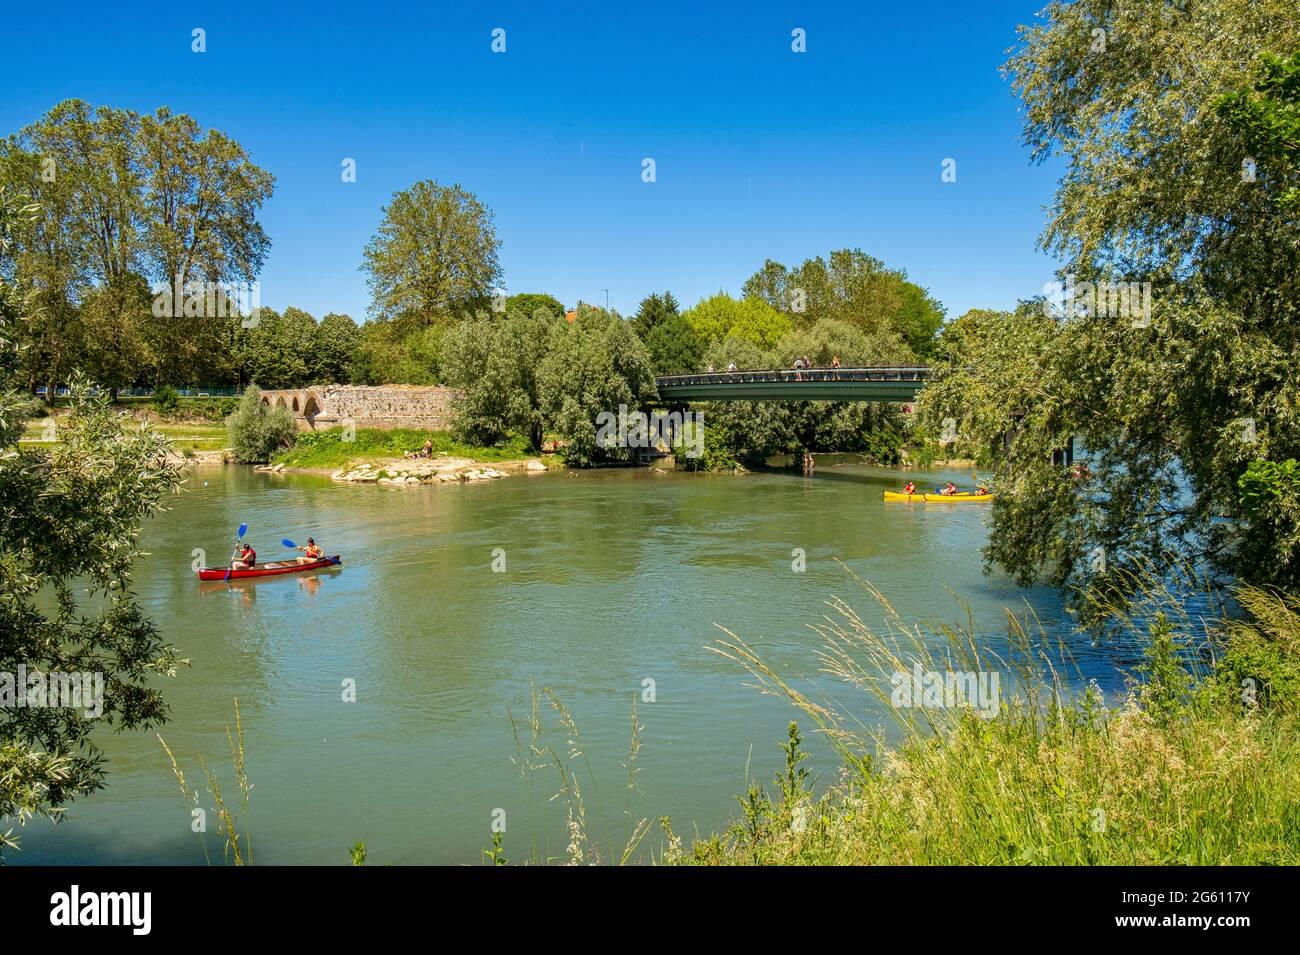 France, Seine et Marne, Chelles, les bords de la Marne Banque D'Images